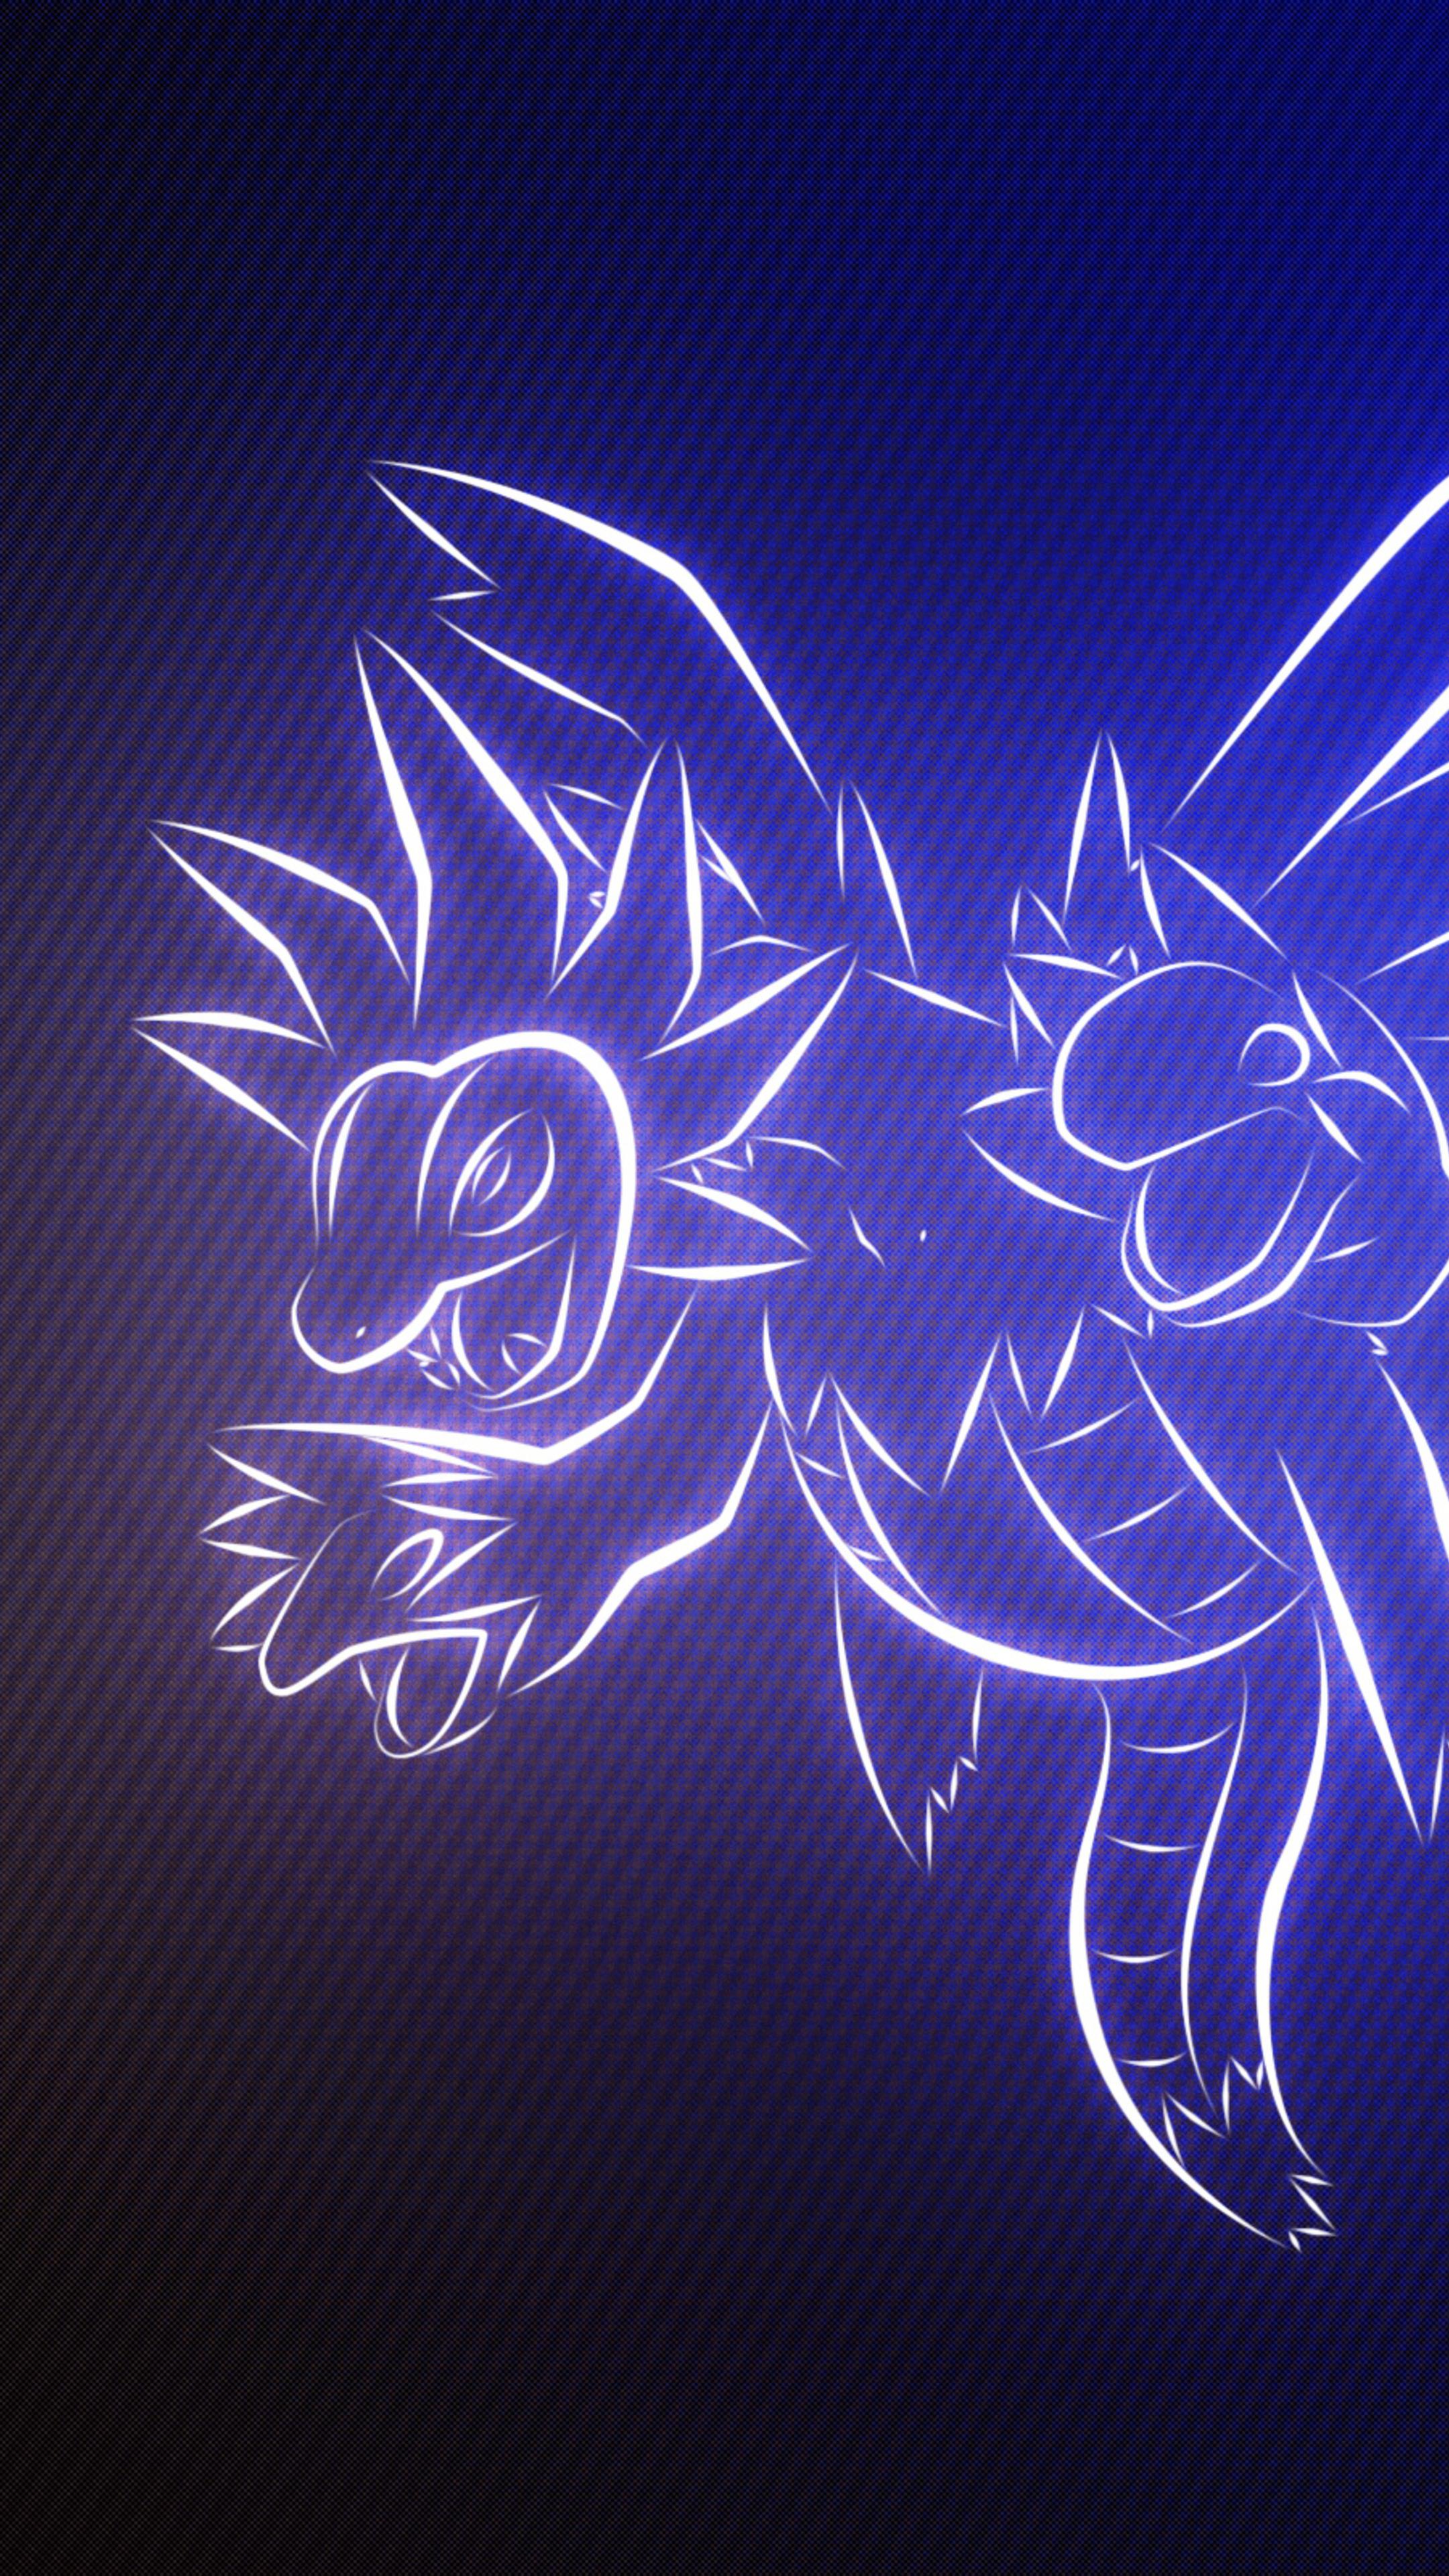 2160x3840 hydreigon pokemon sony xperia x xz z5 premium hd - Art wallpaper 2160x3840 ...